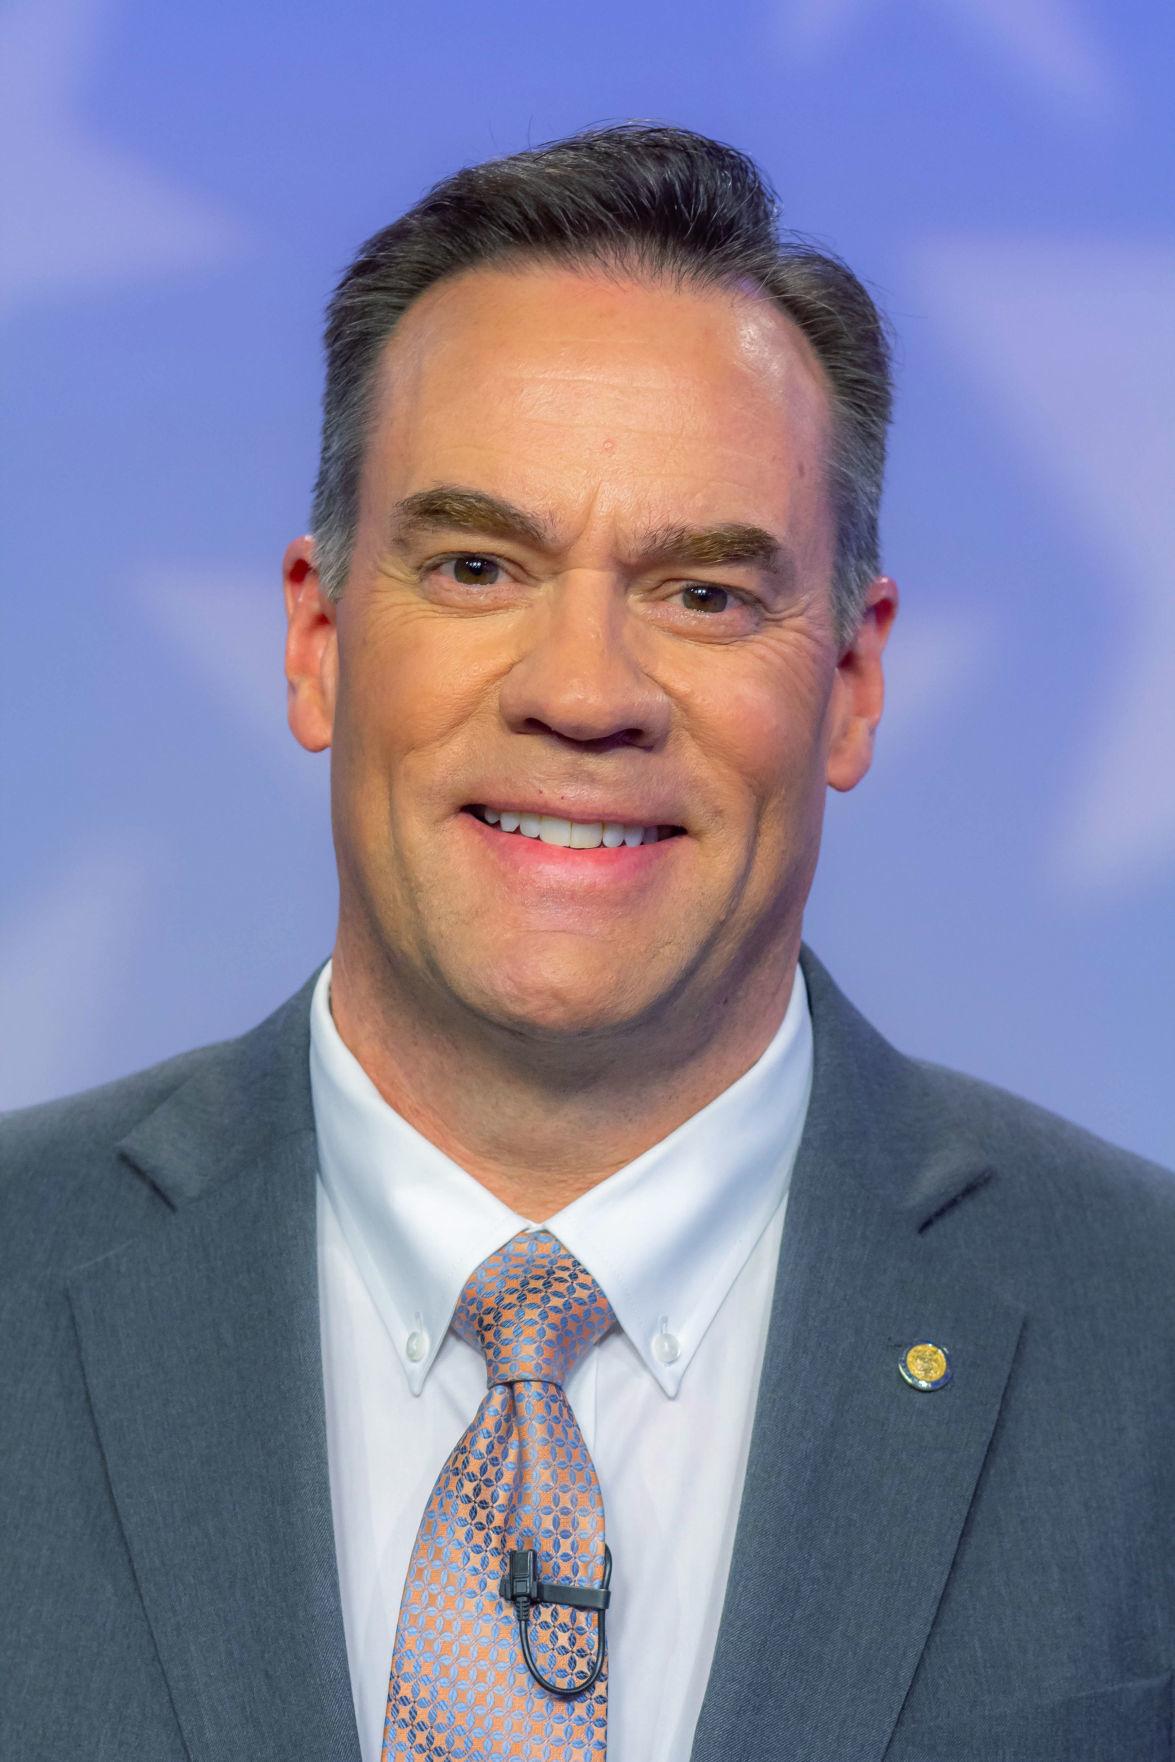 Russ Fulcher